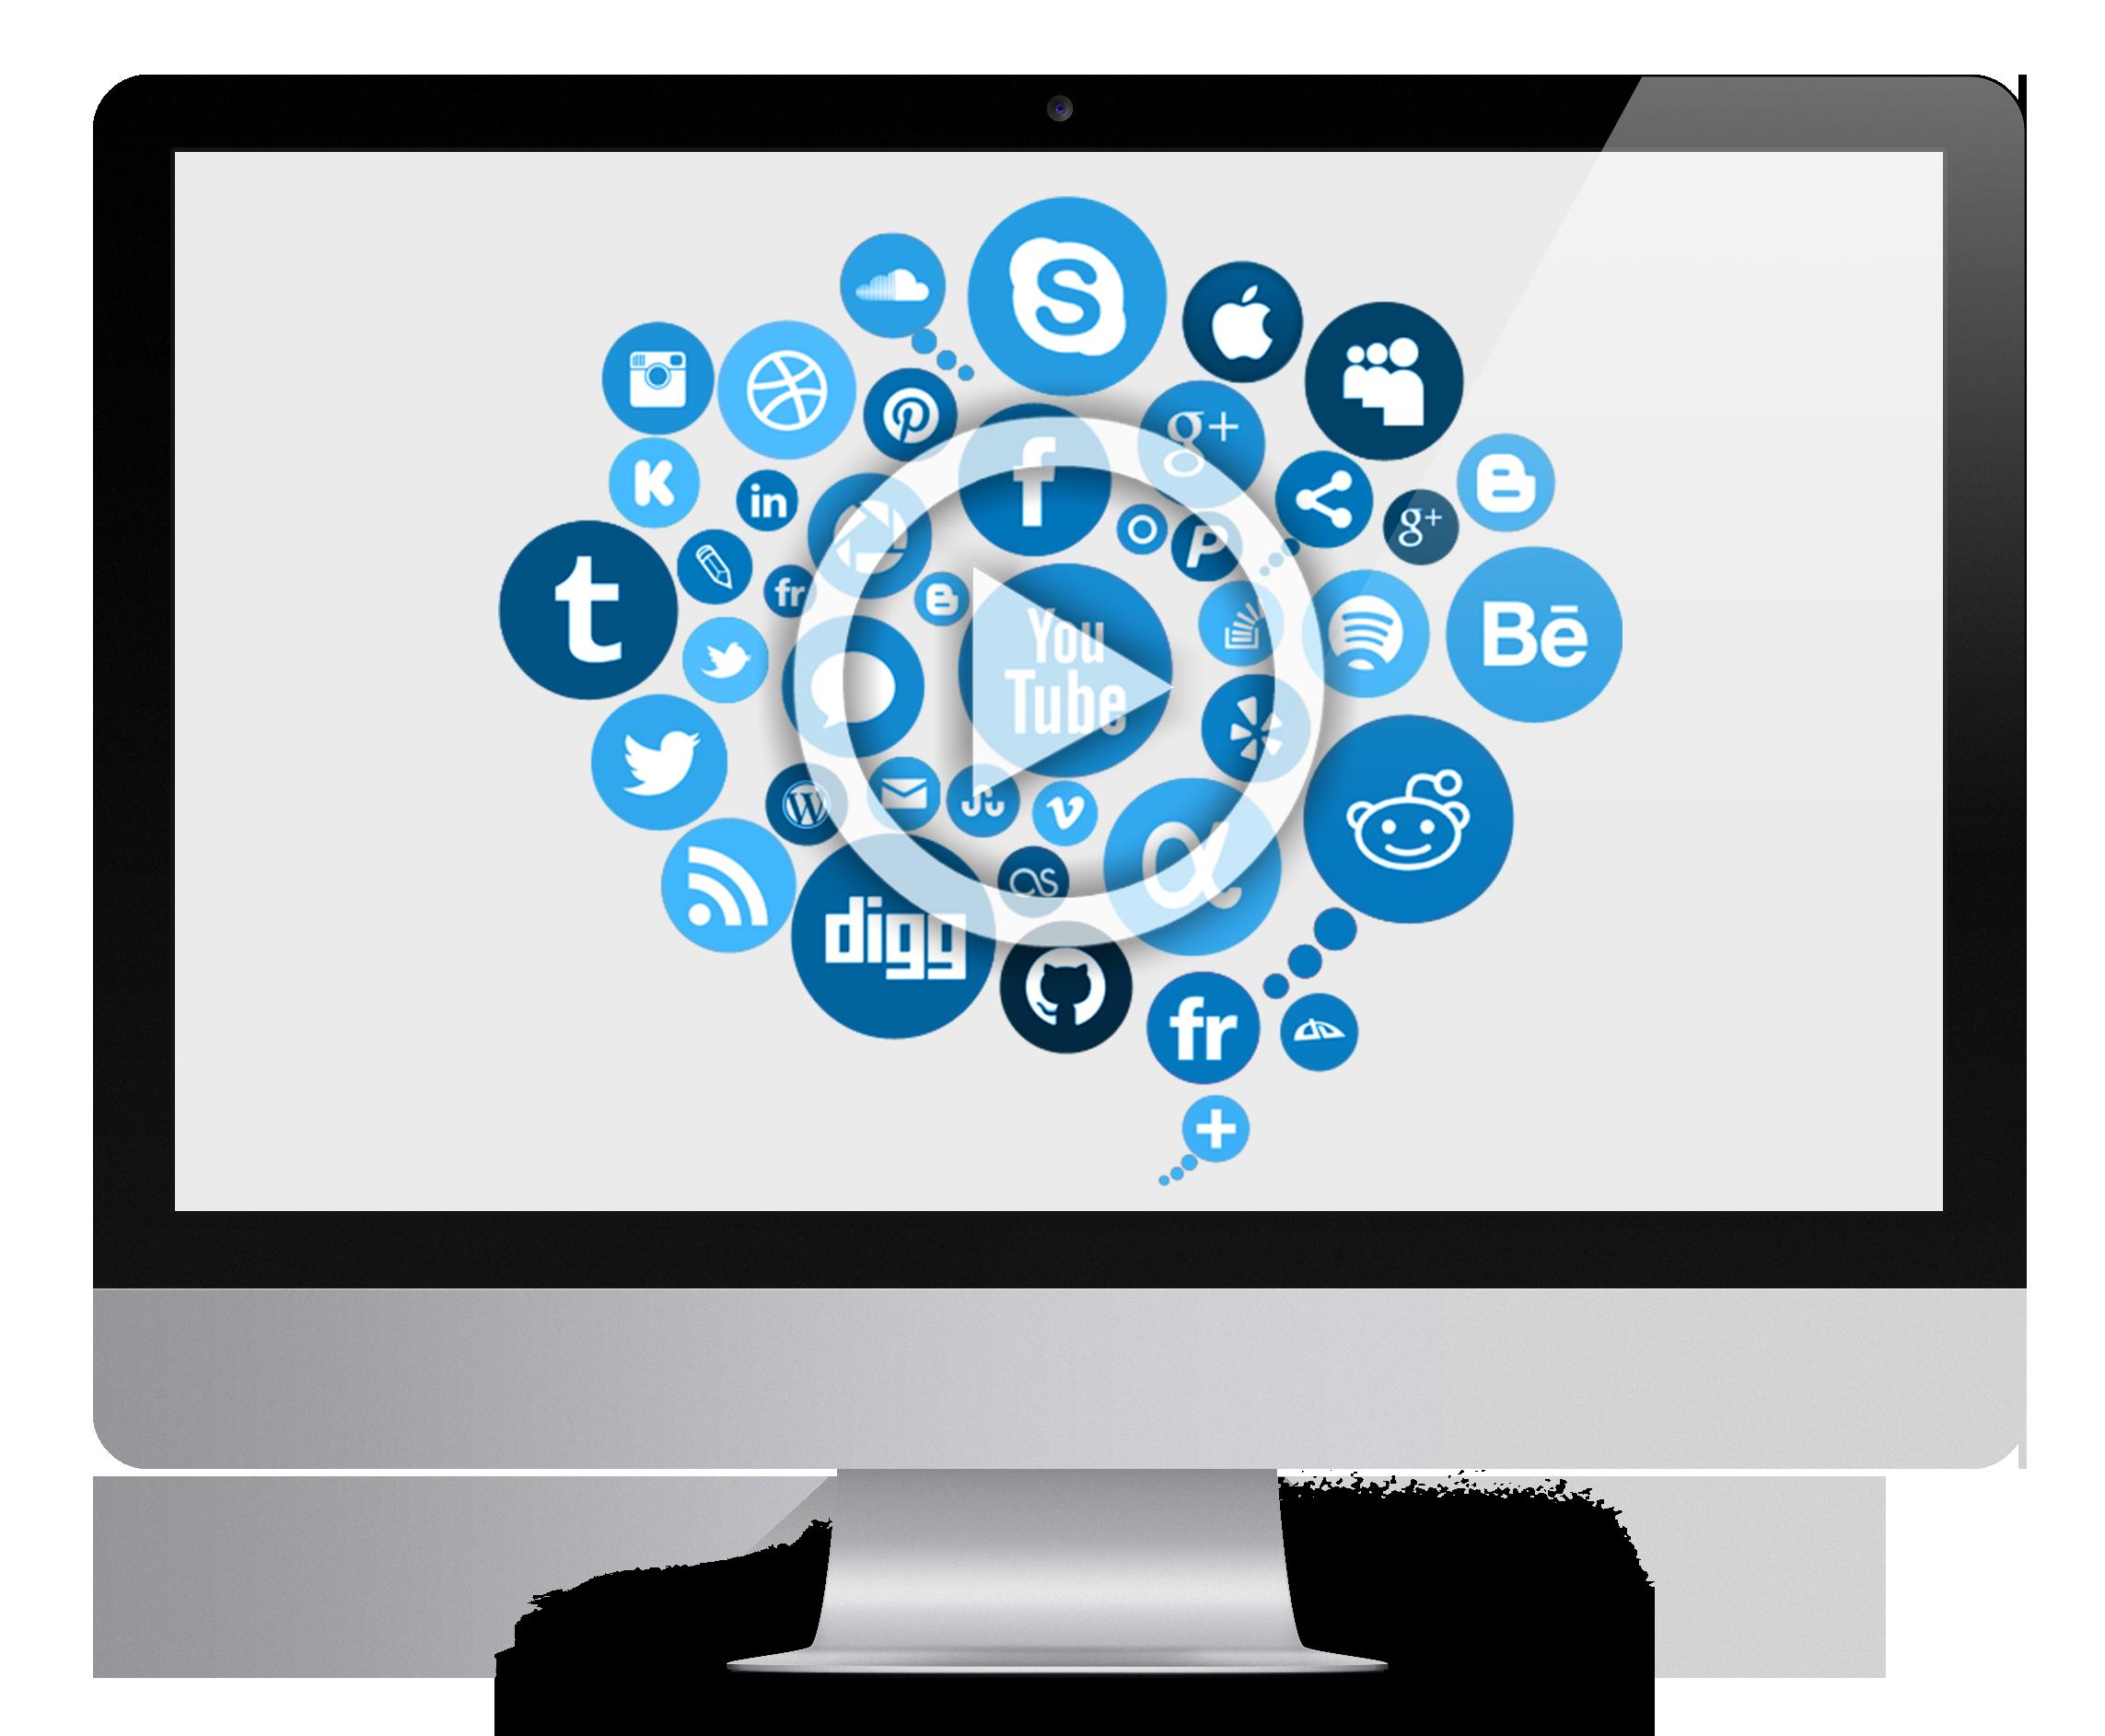 niestandardowe-formy-reklamy-social-media-szkolenie-online-dawid-dudek